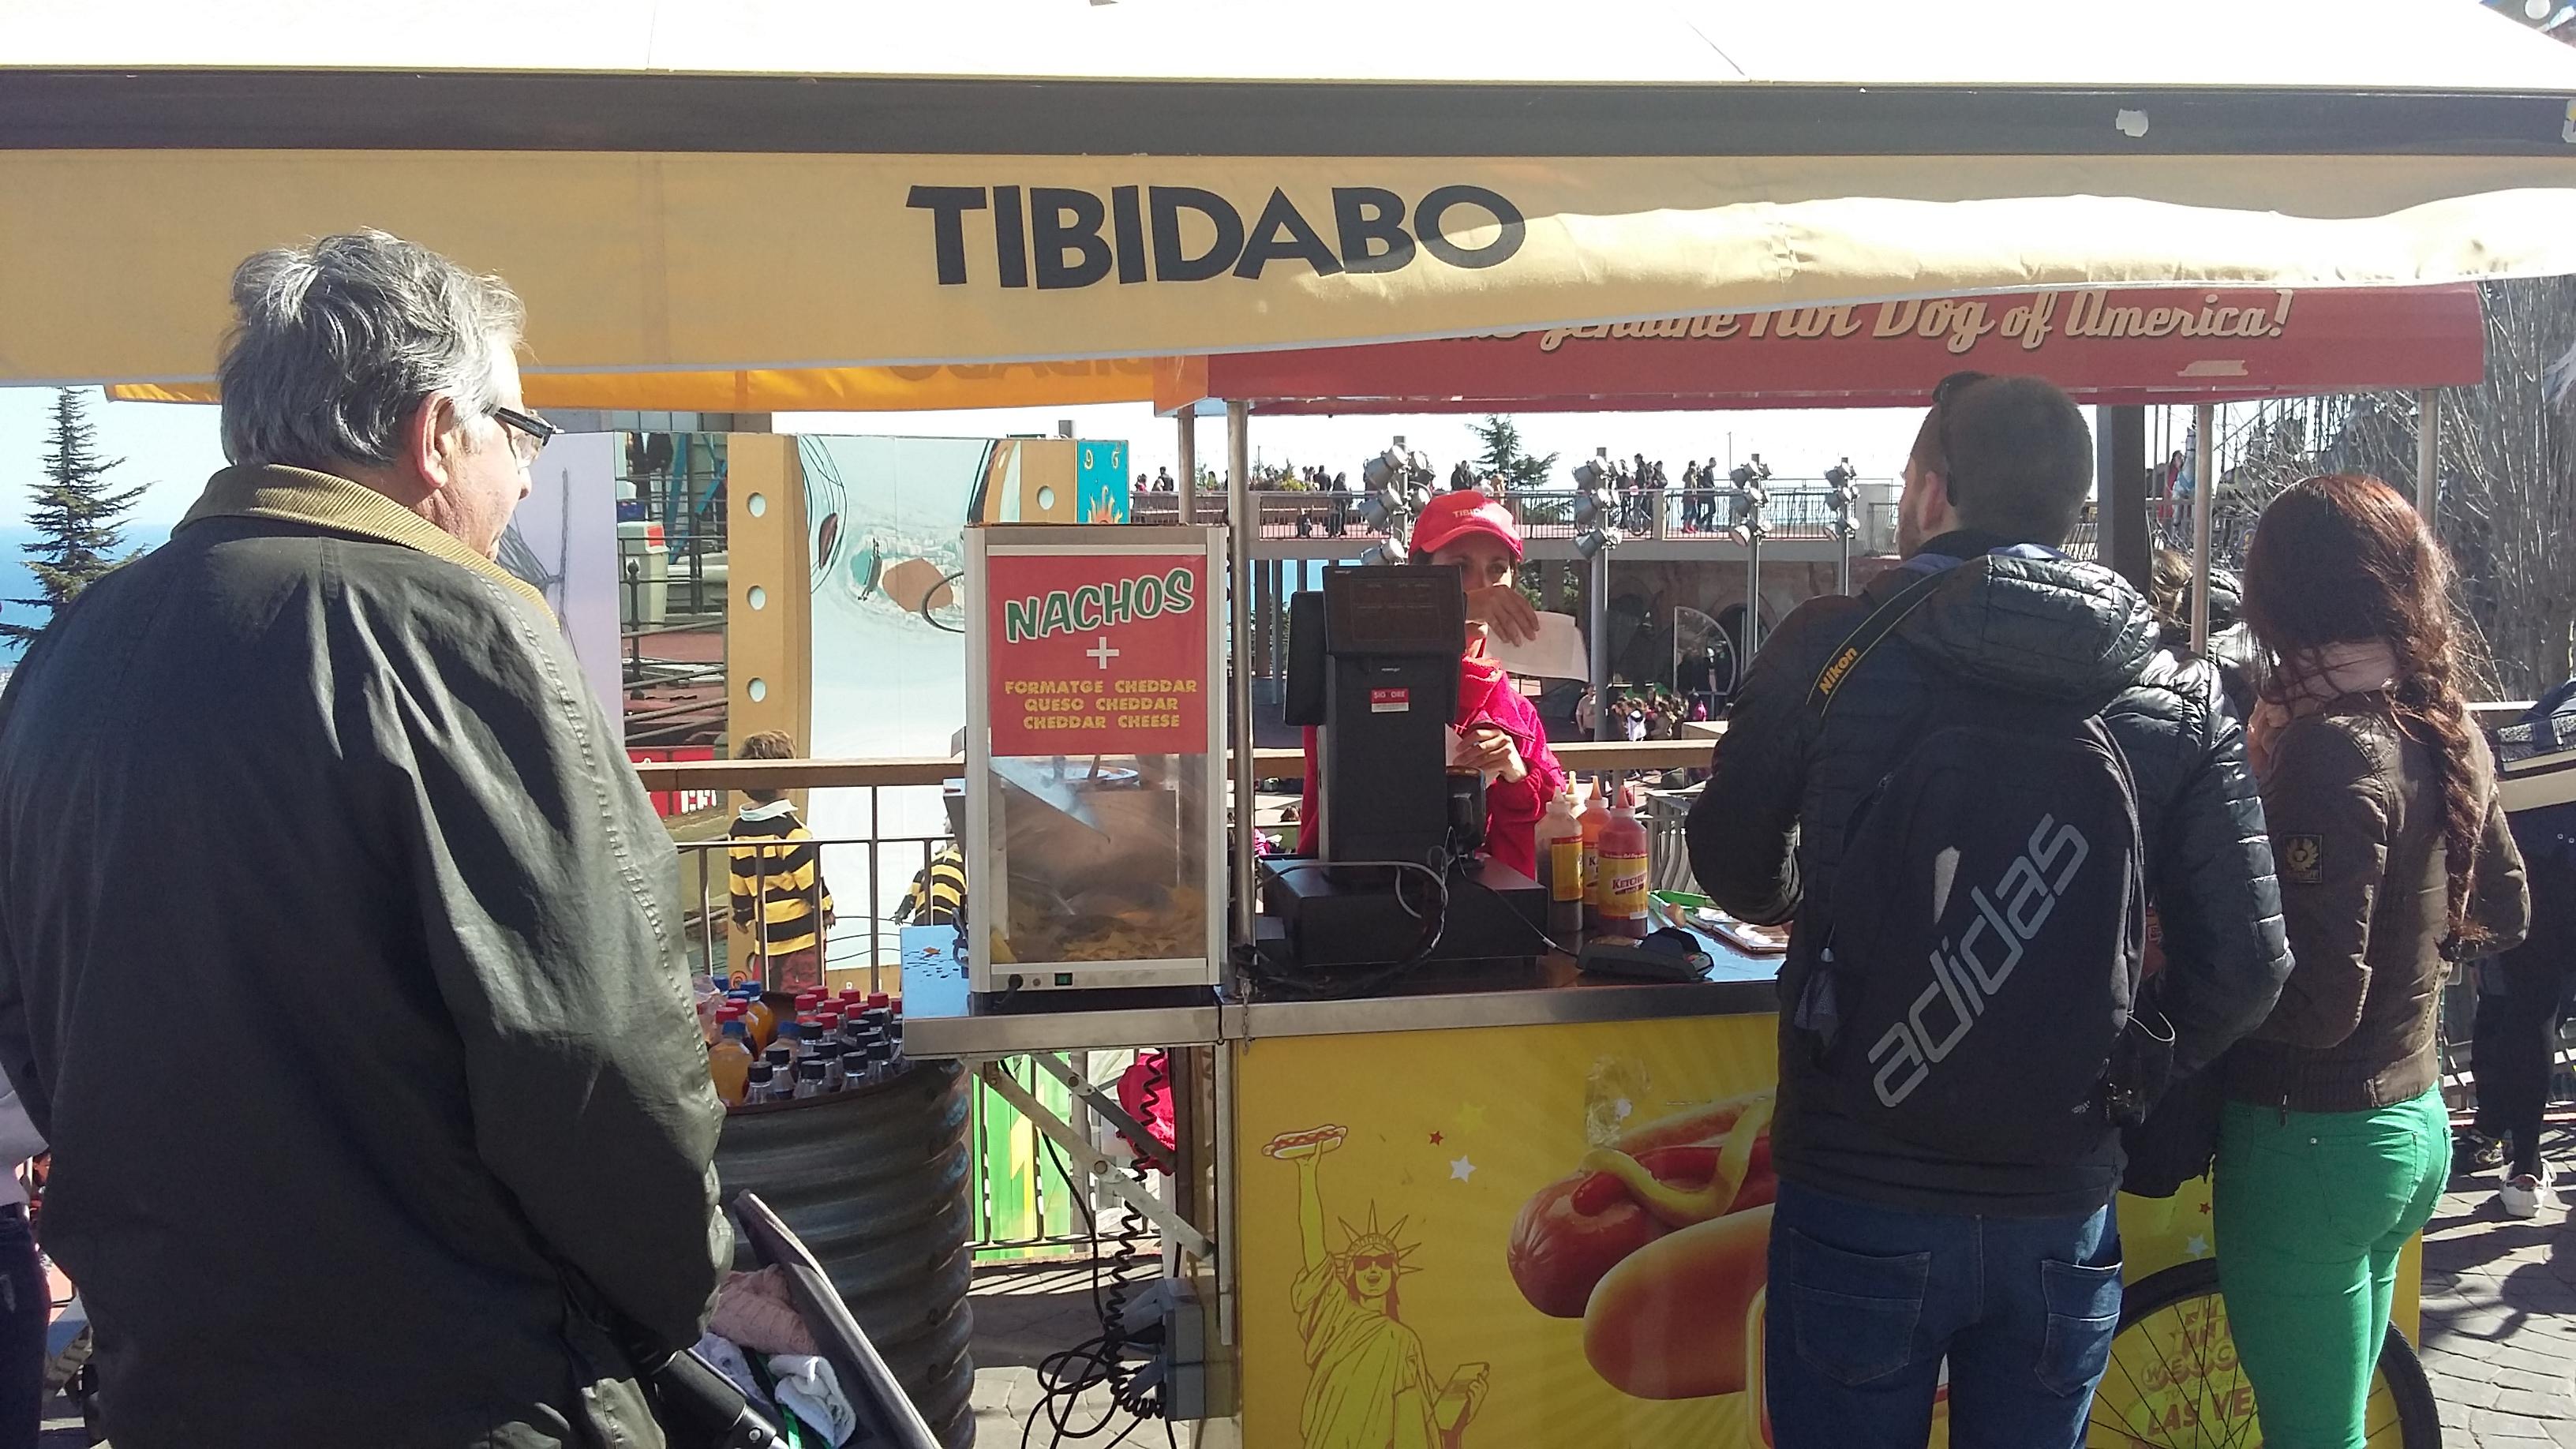 El parque de atracciones TIBIDABO de Barcelona, confía en SIGHORE para informatizar sus locales de restauración.